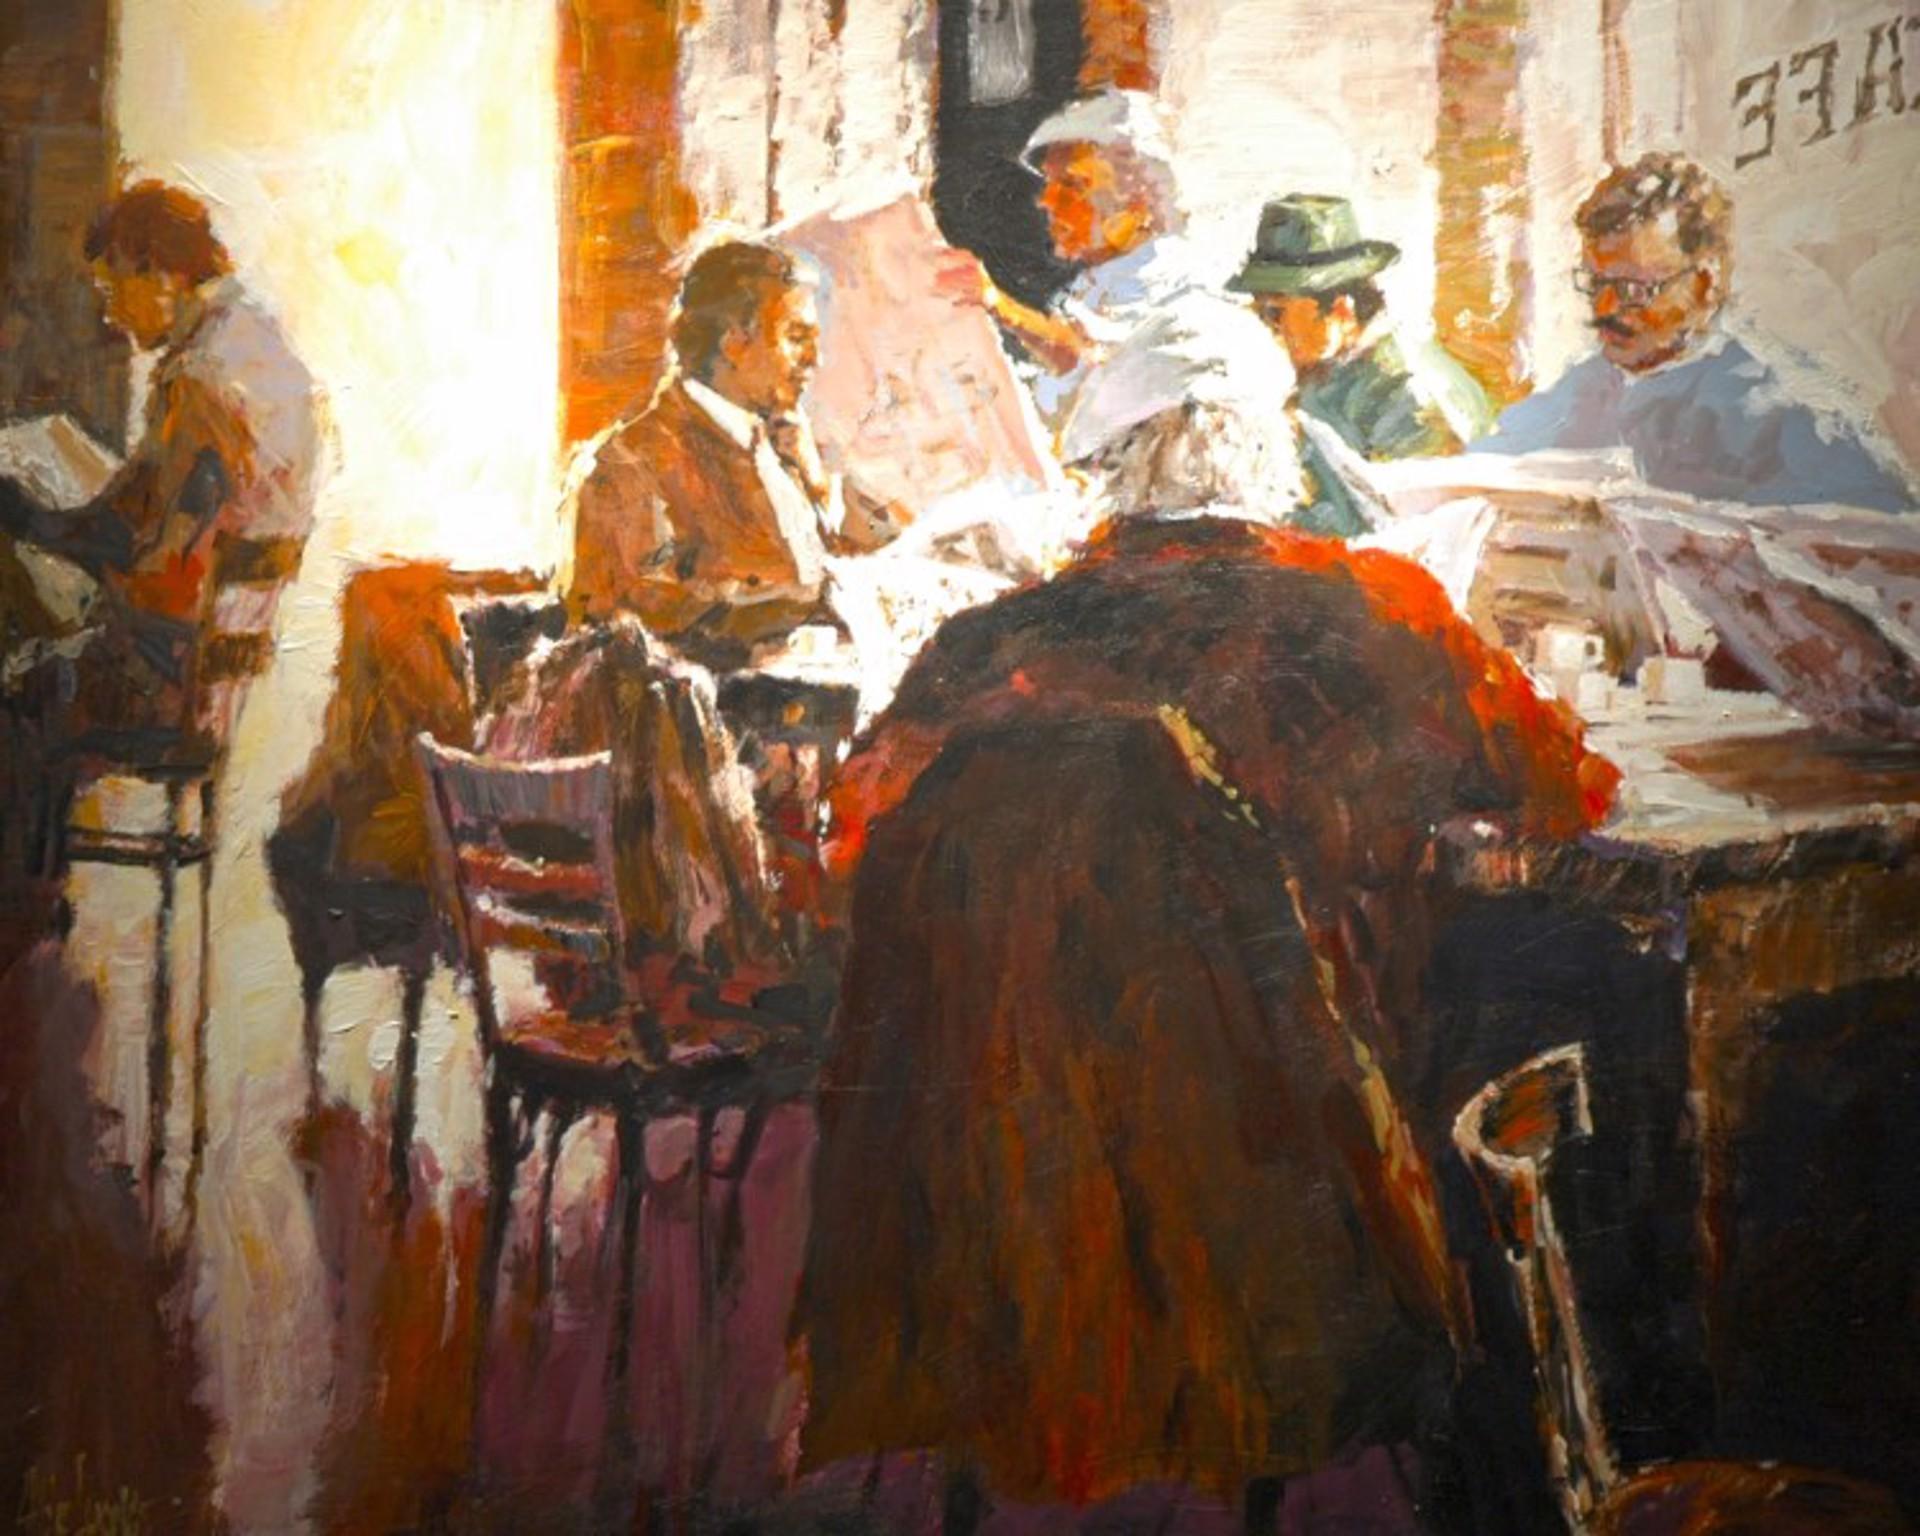 In The Neighborhood by Aldo Luongo